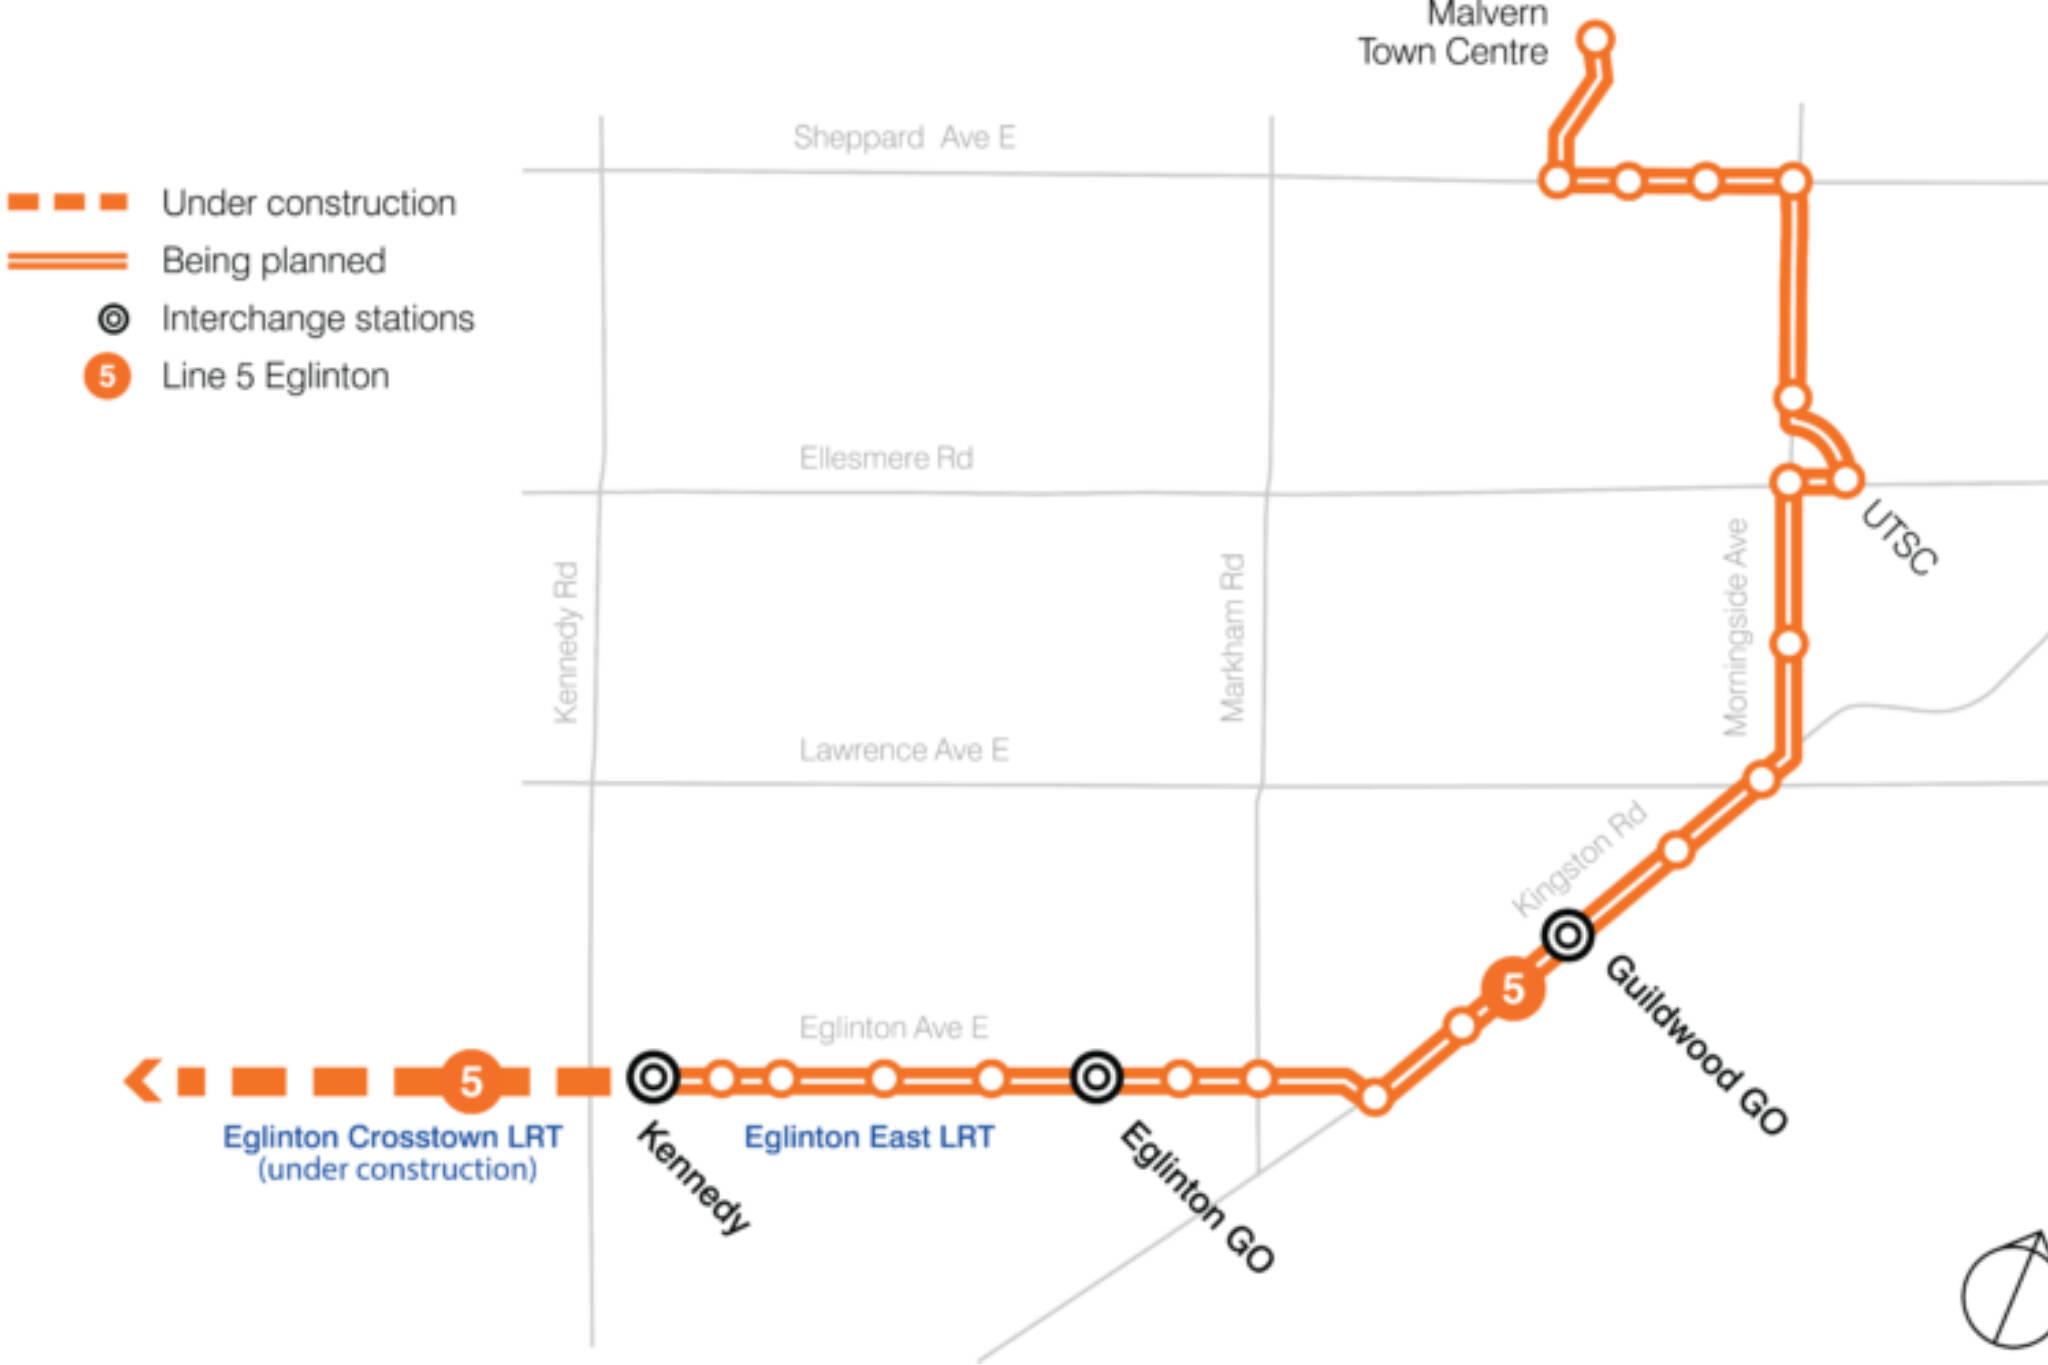 ontario transit plan